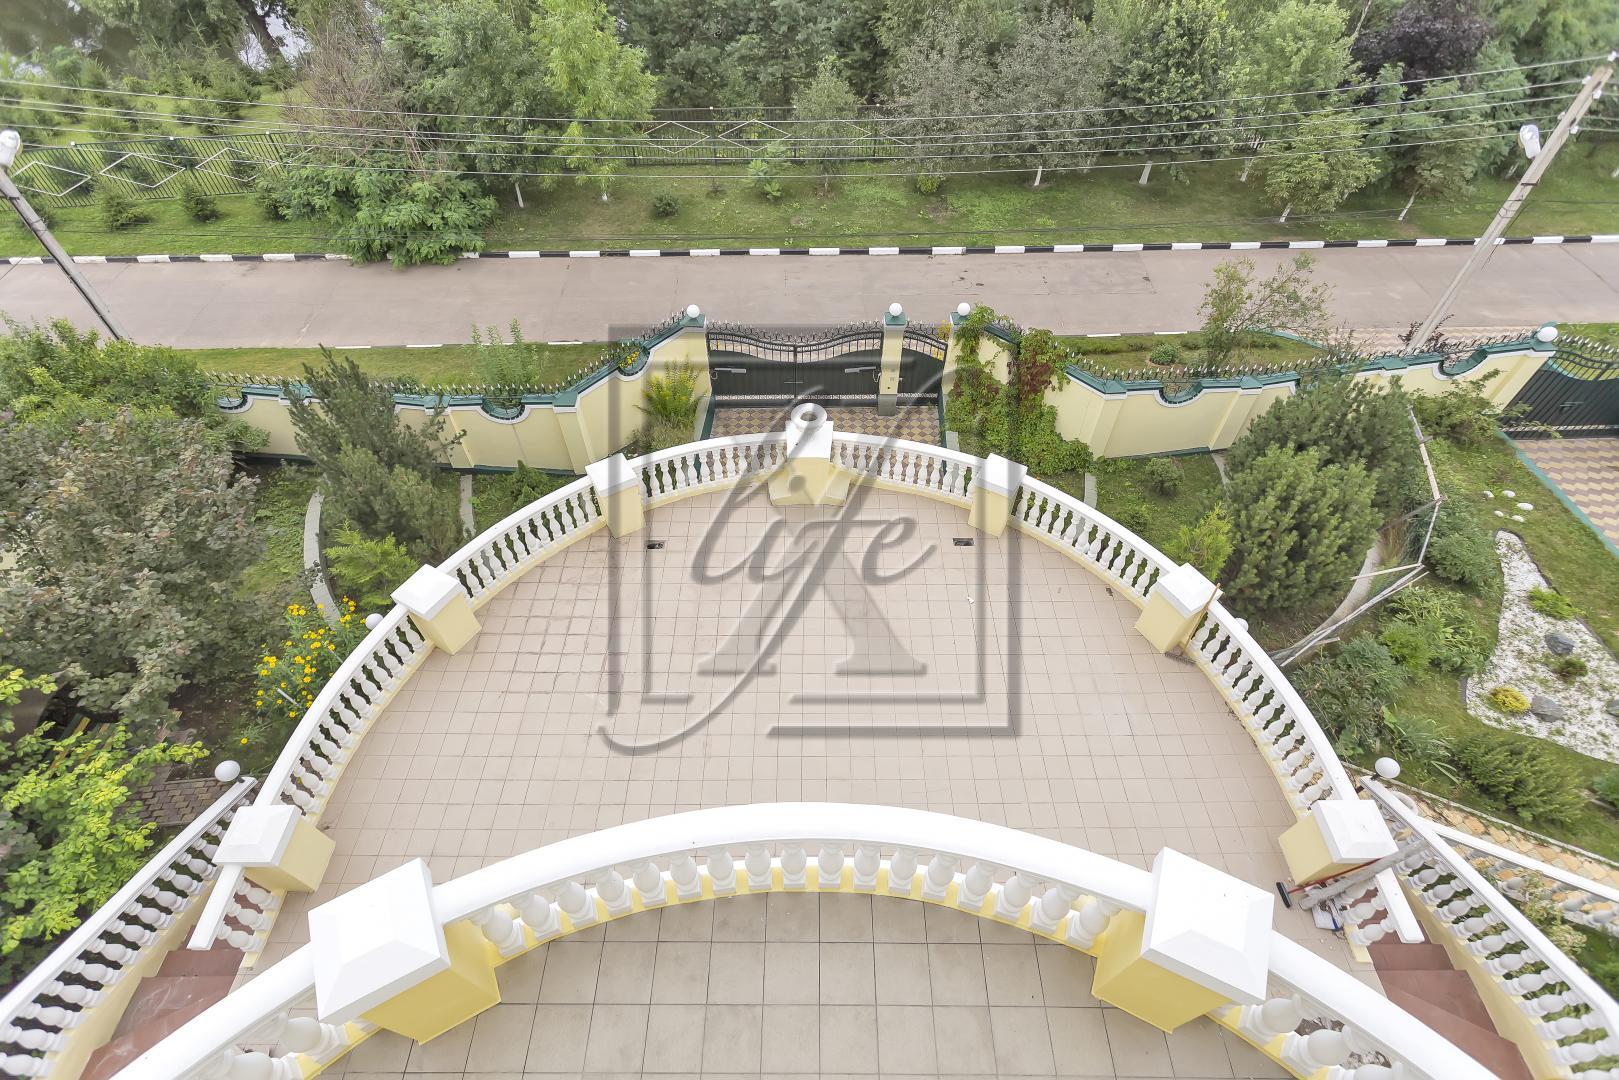 Продам дом по адресу Россия, Новомосковский административный округ, Лаптево, Береговая улица фото 9 по выгодной цене